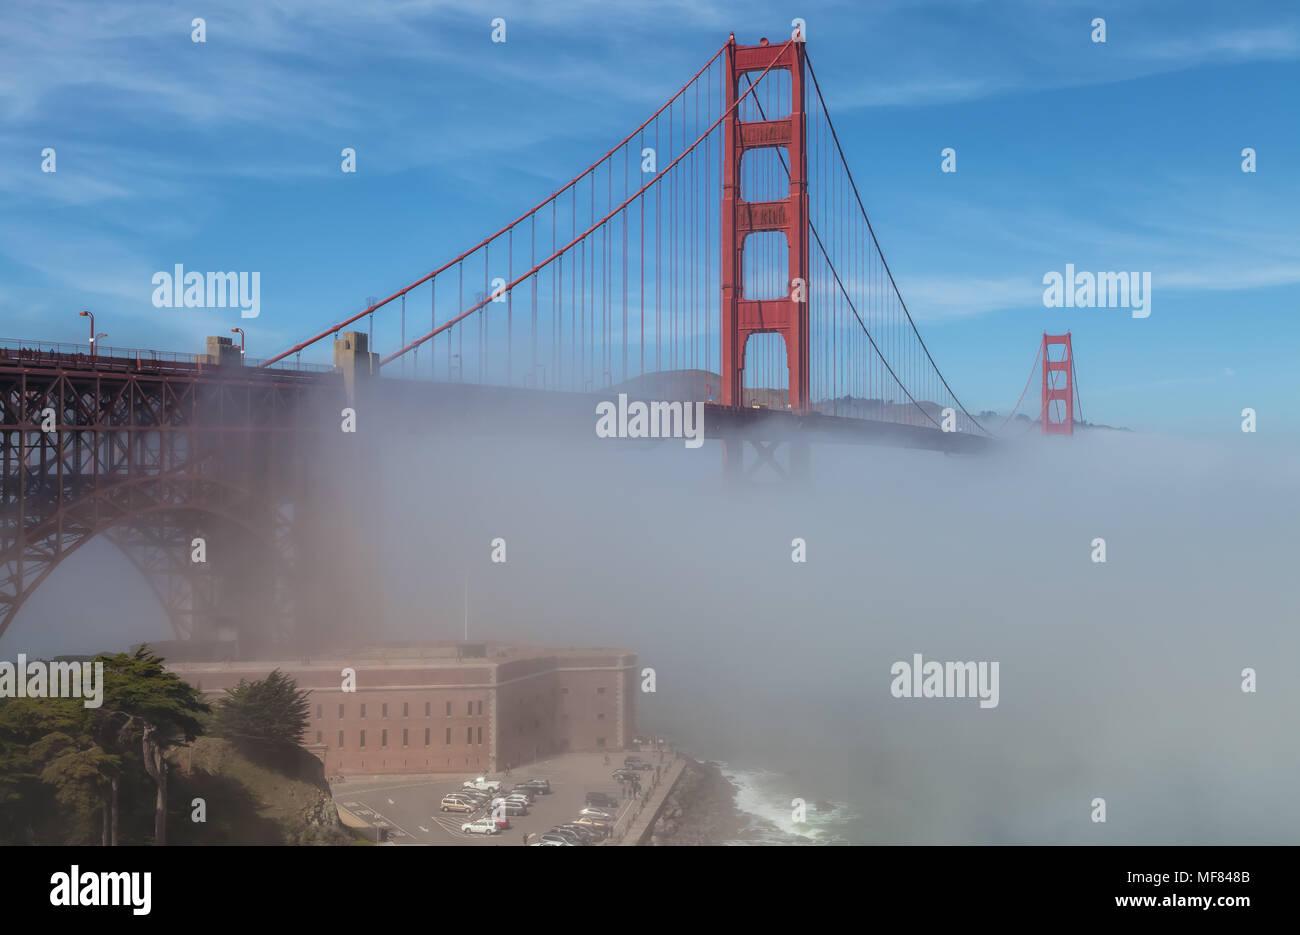 Das historische Fort Point an der Golden Gate Bridge inmitten des dichten Nebel auf einer frühen Frühling Morgen in San Francisco, Kalifornien, USA. Stockbild